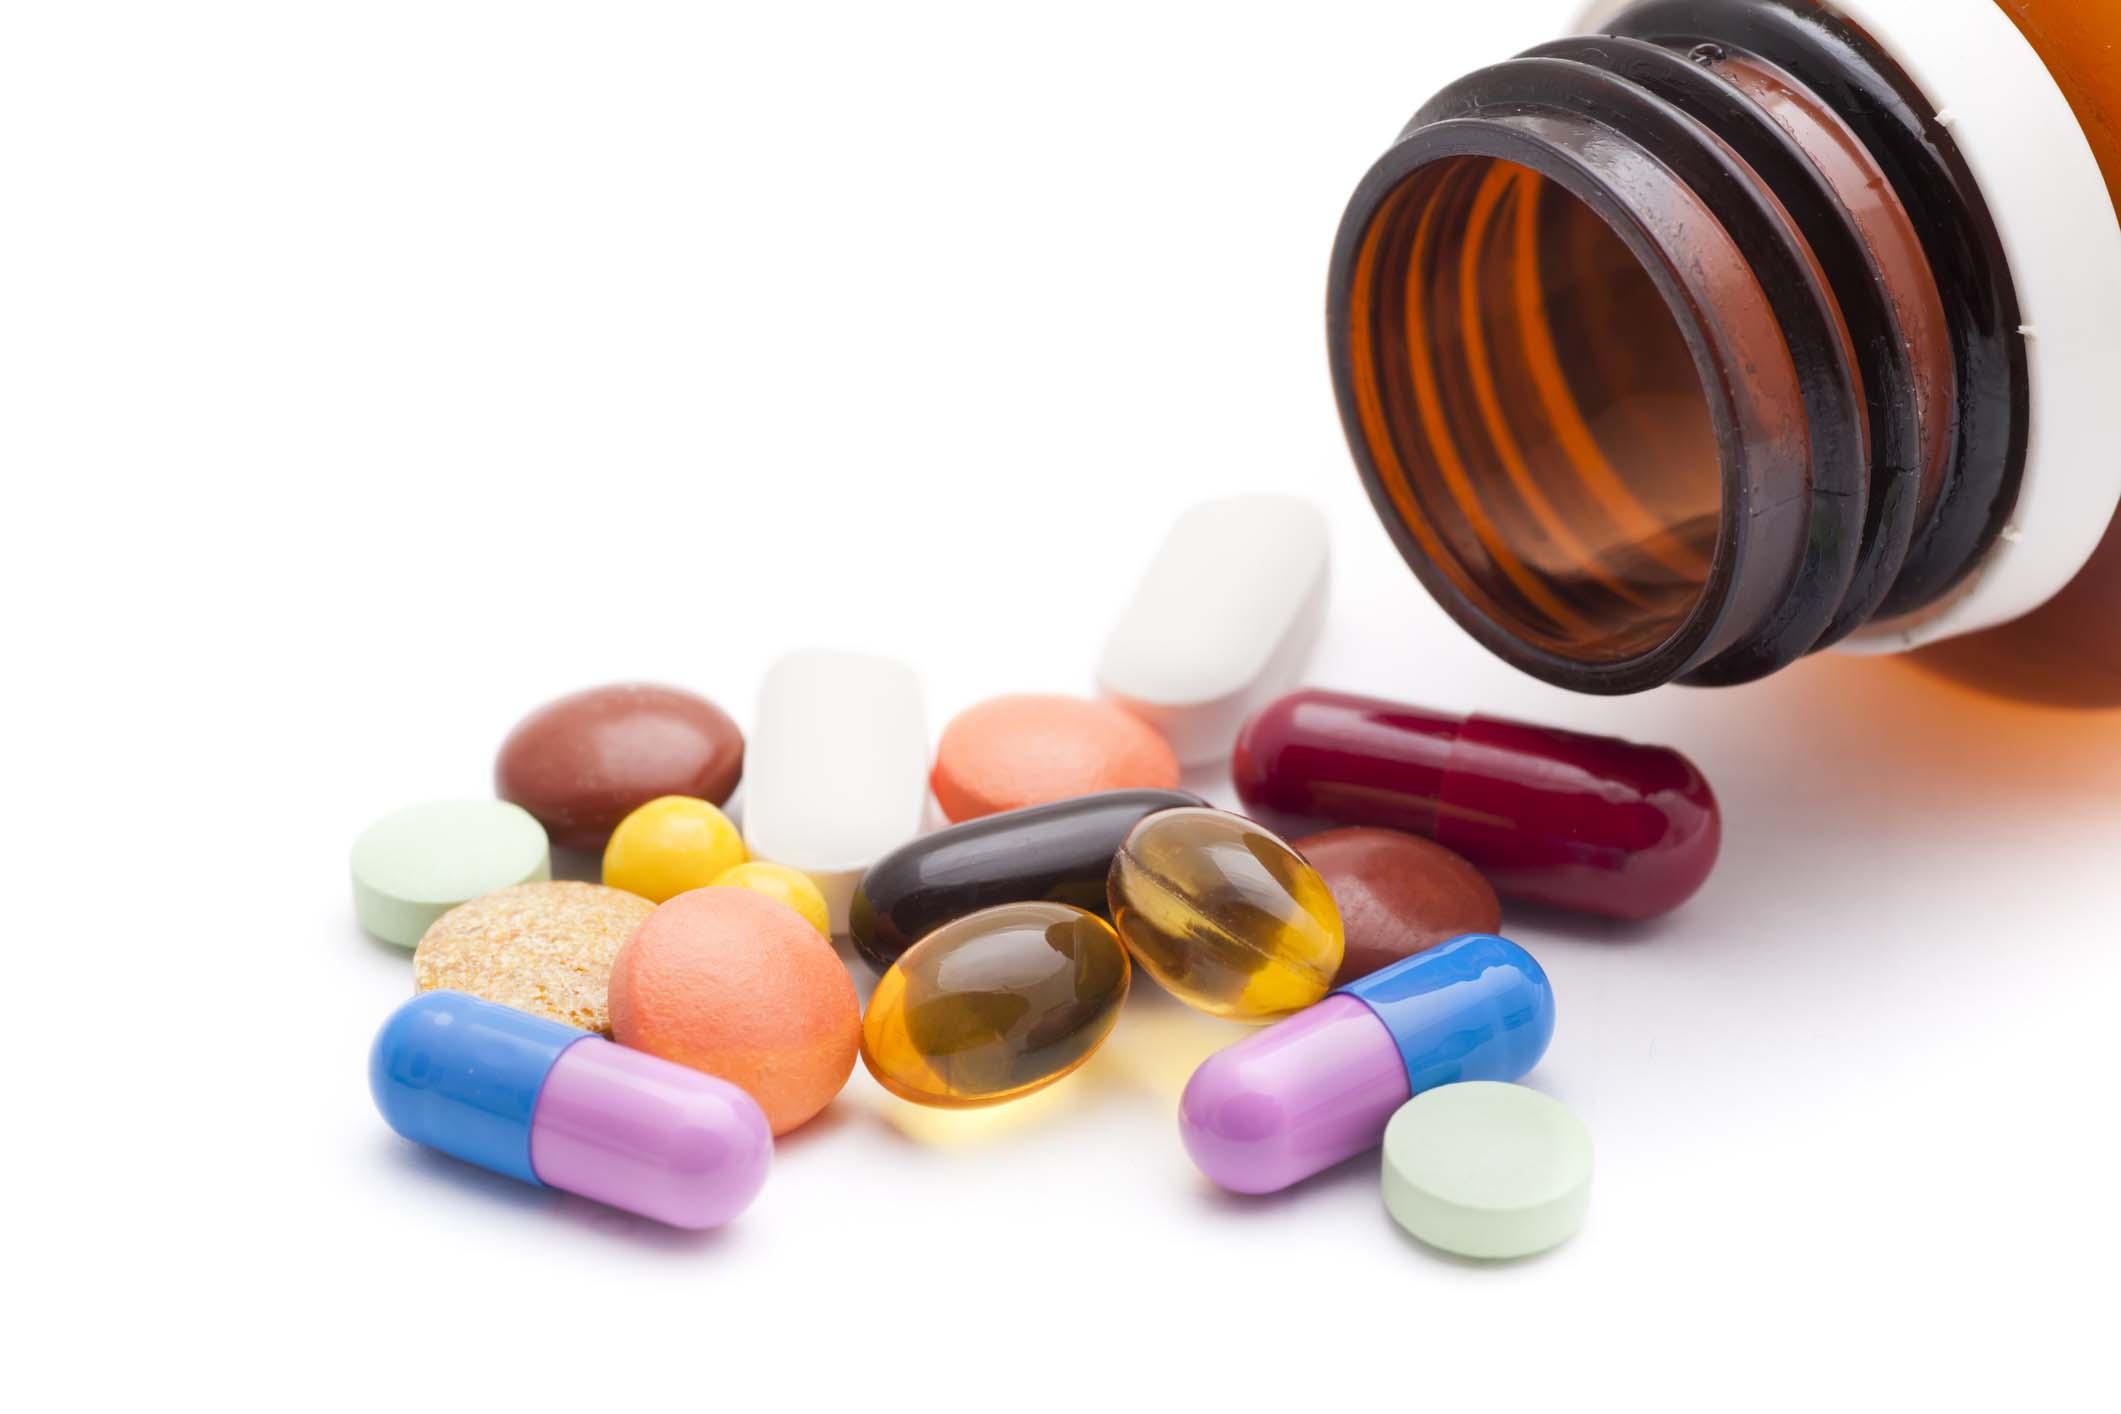 Hemorojaus gydymas vaistais